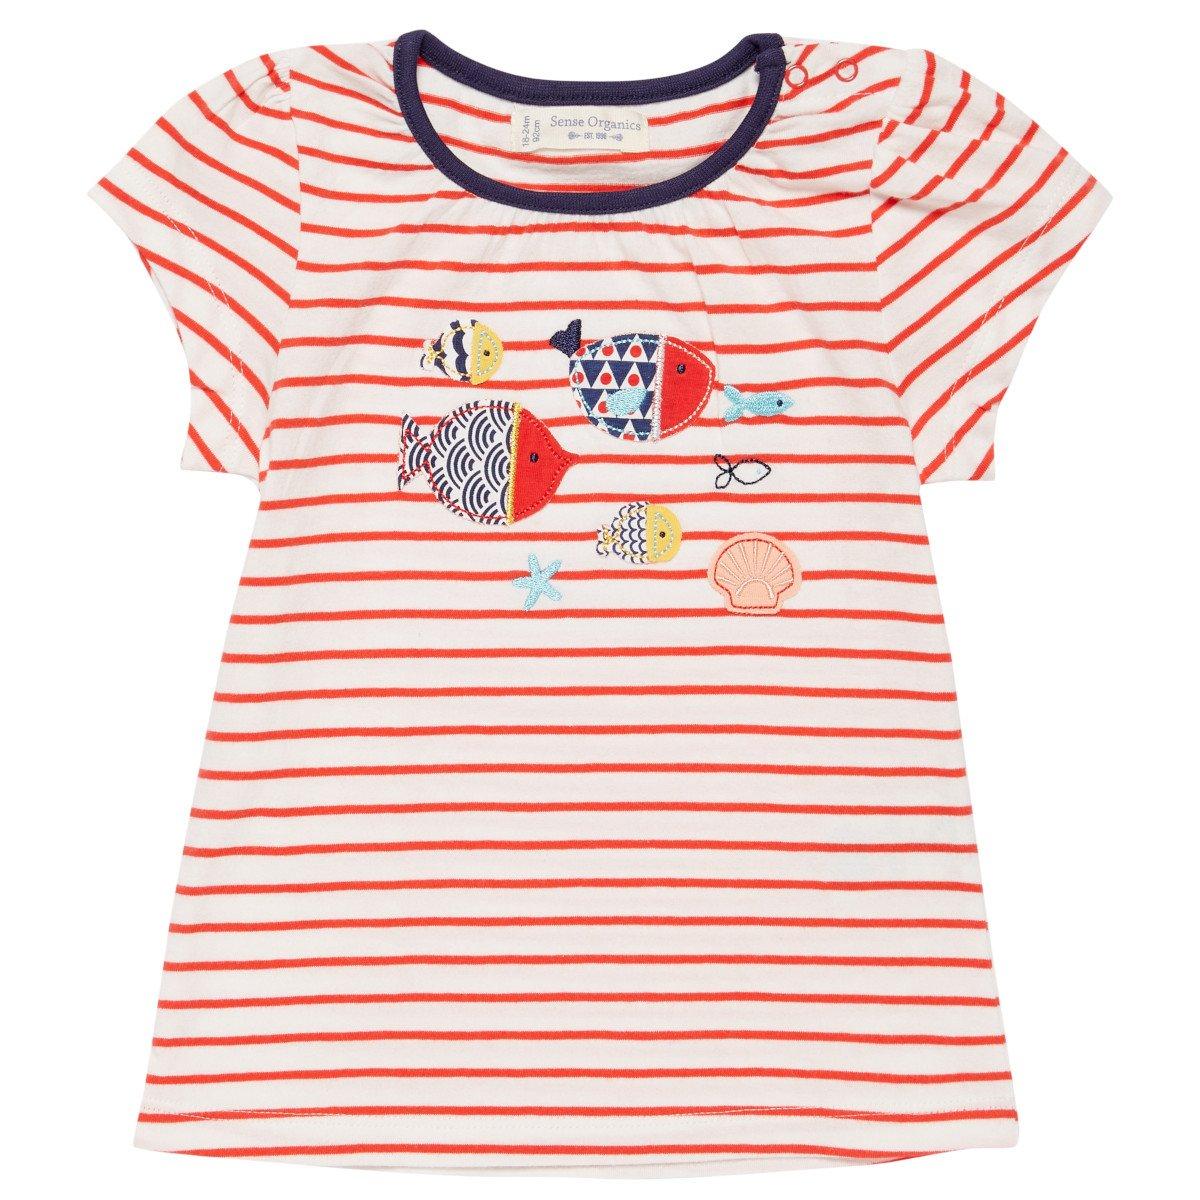 Cotone In Maglietta Per Sense Organics Pesci Bambina Biologico vOmNn0w8